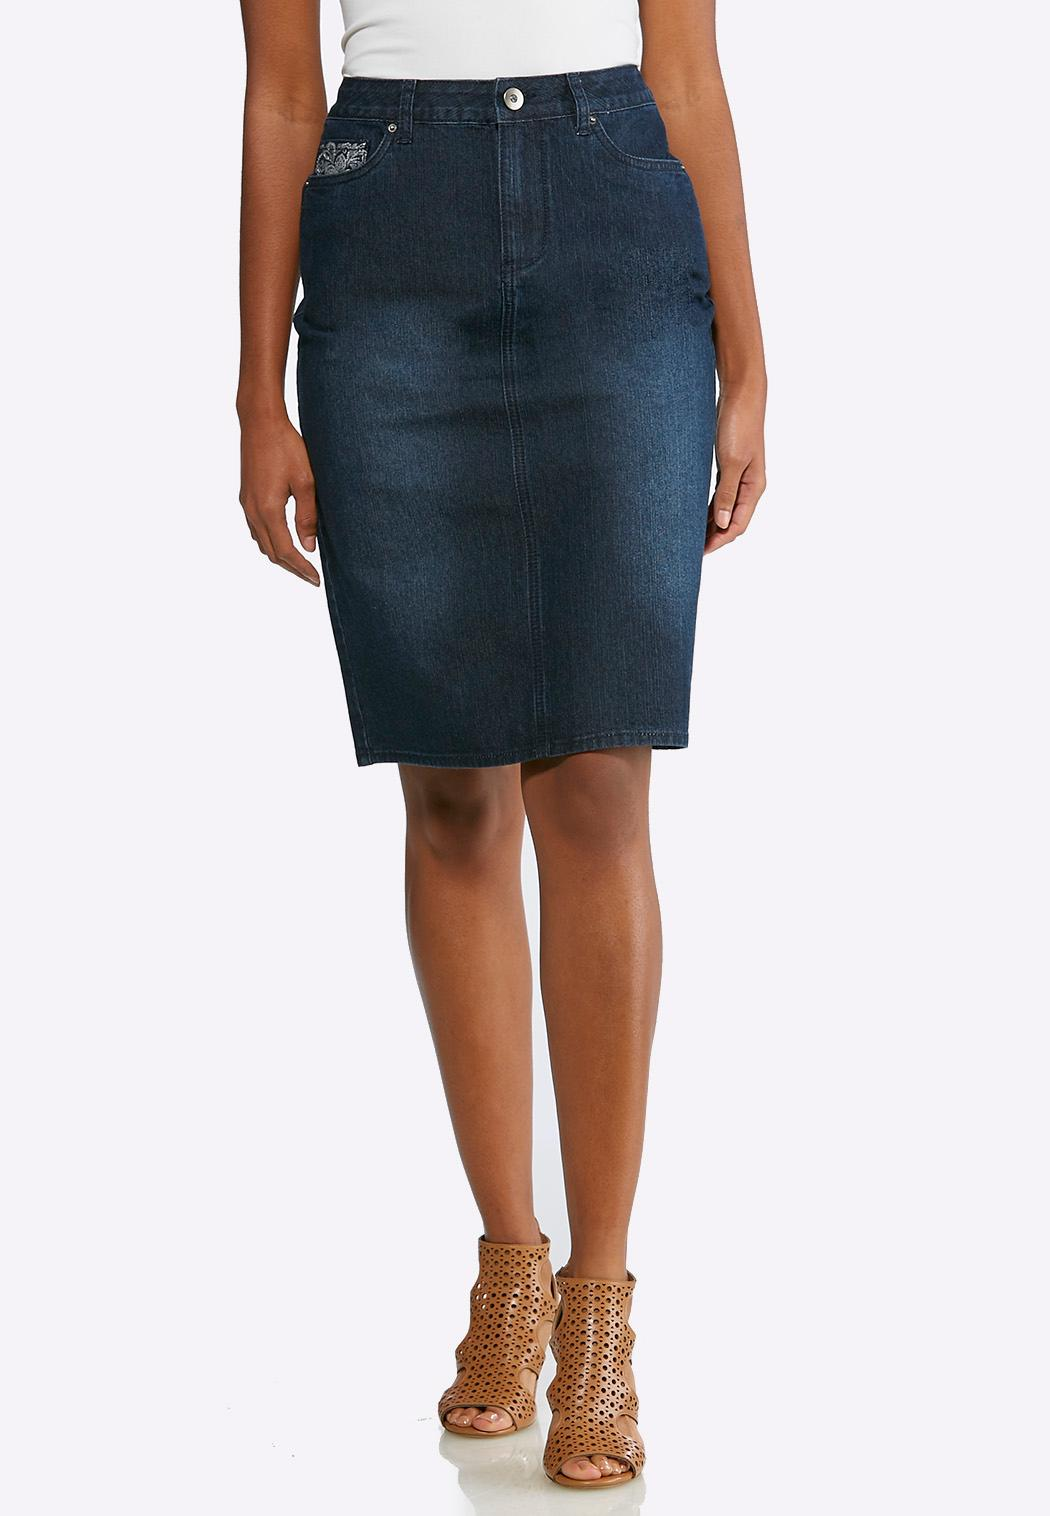 Embellished Pocket Denim Skirt